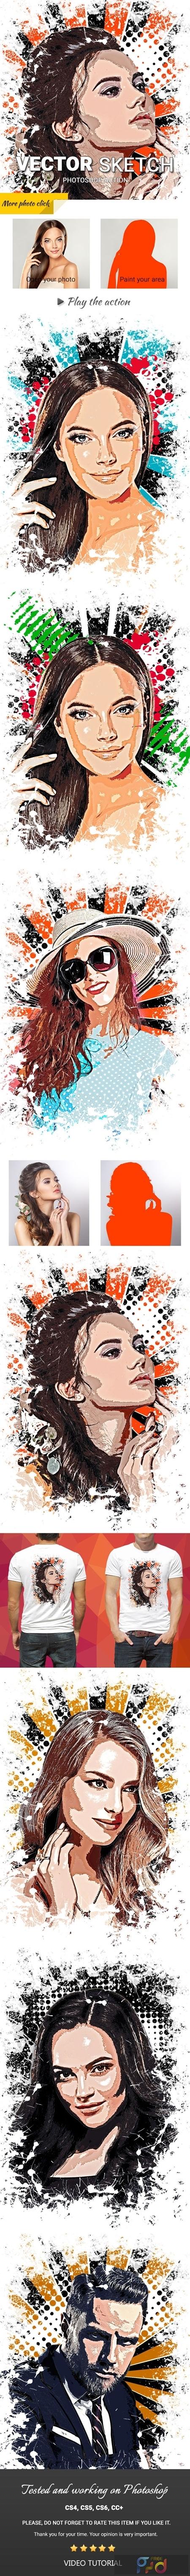 Vector Sketch Photoshop Action 23761711 1